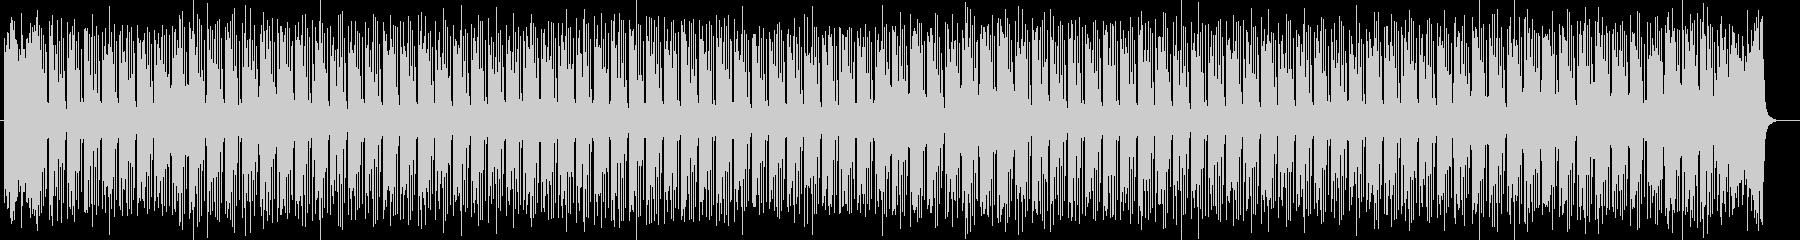 明るくキャッチーなシンセサイザーサウンドの未再生の波形